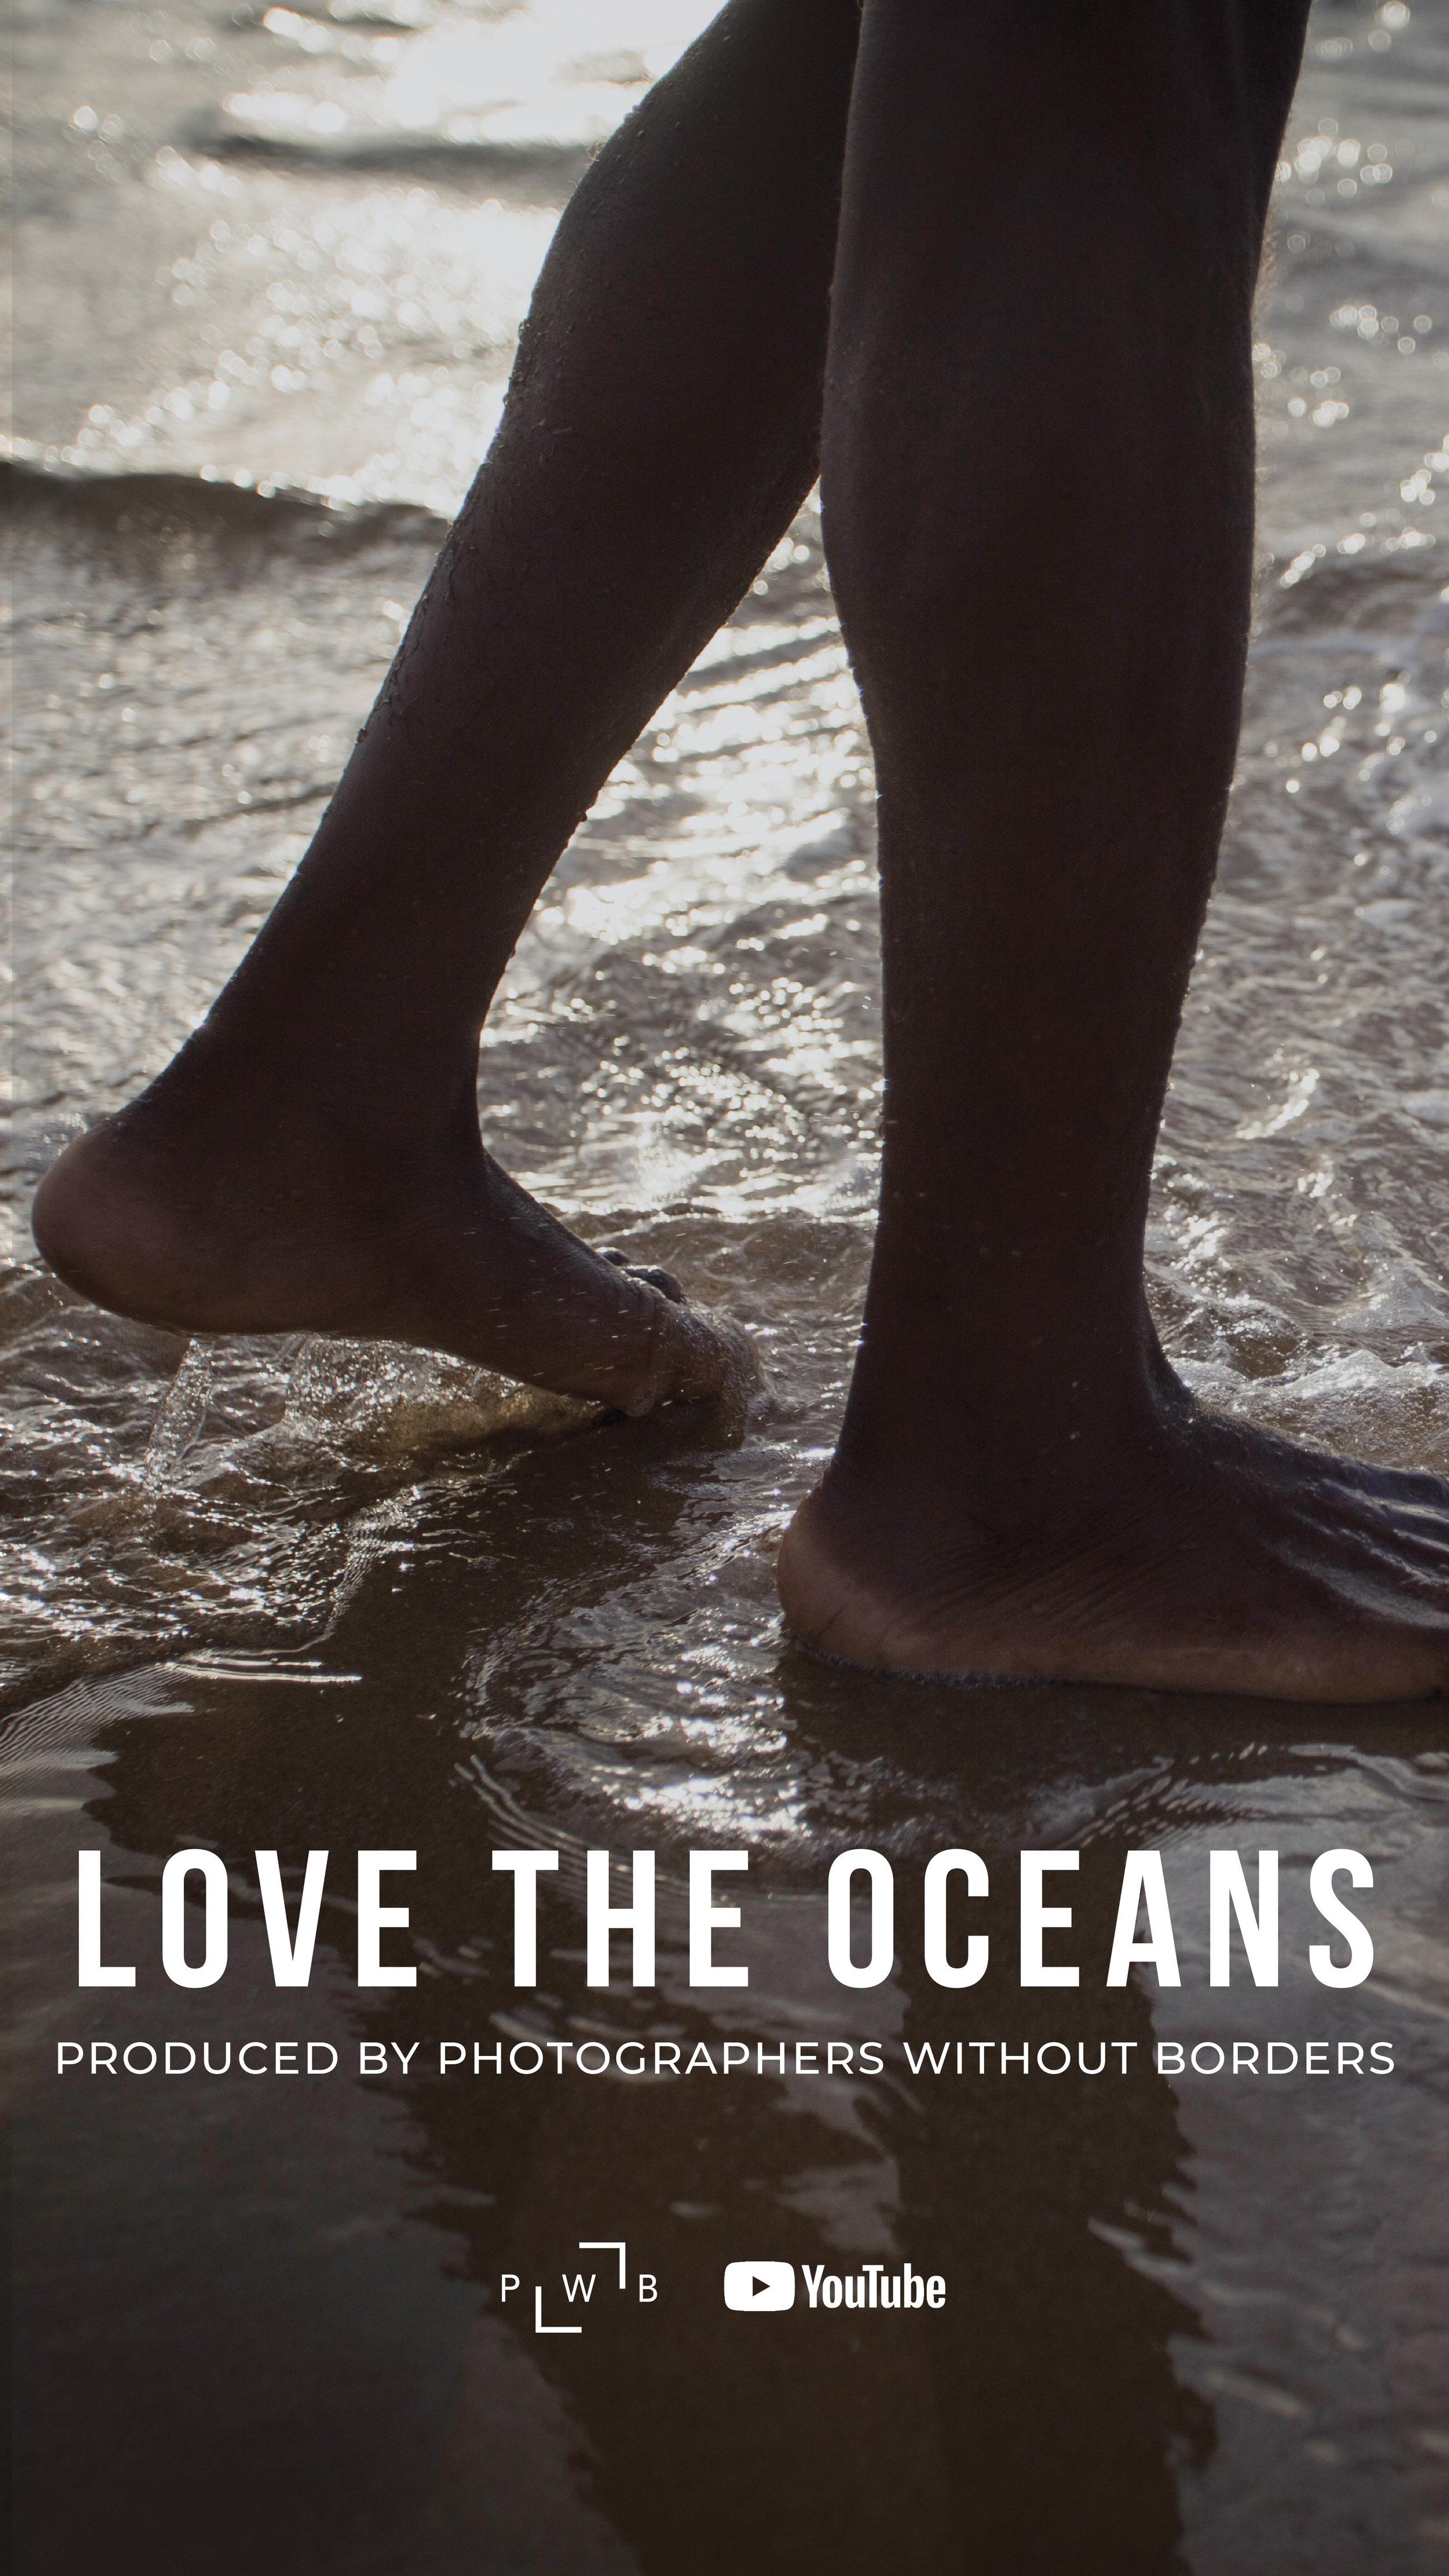 PWBSeries_Love the Oceans_Story3.jpg